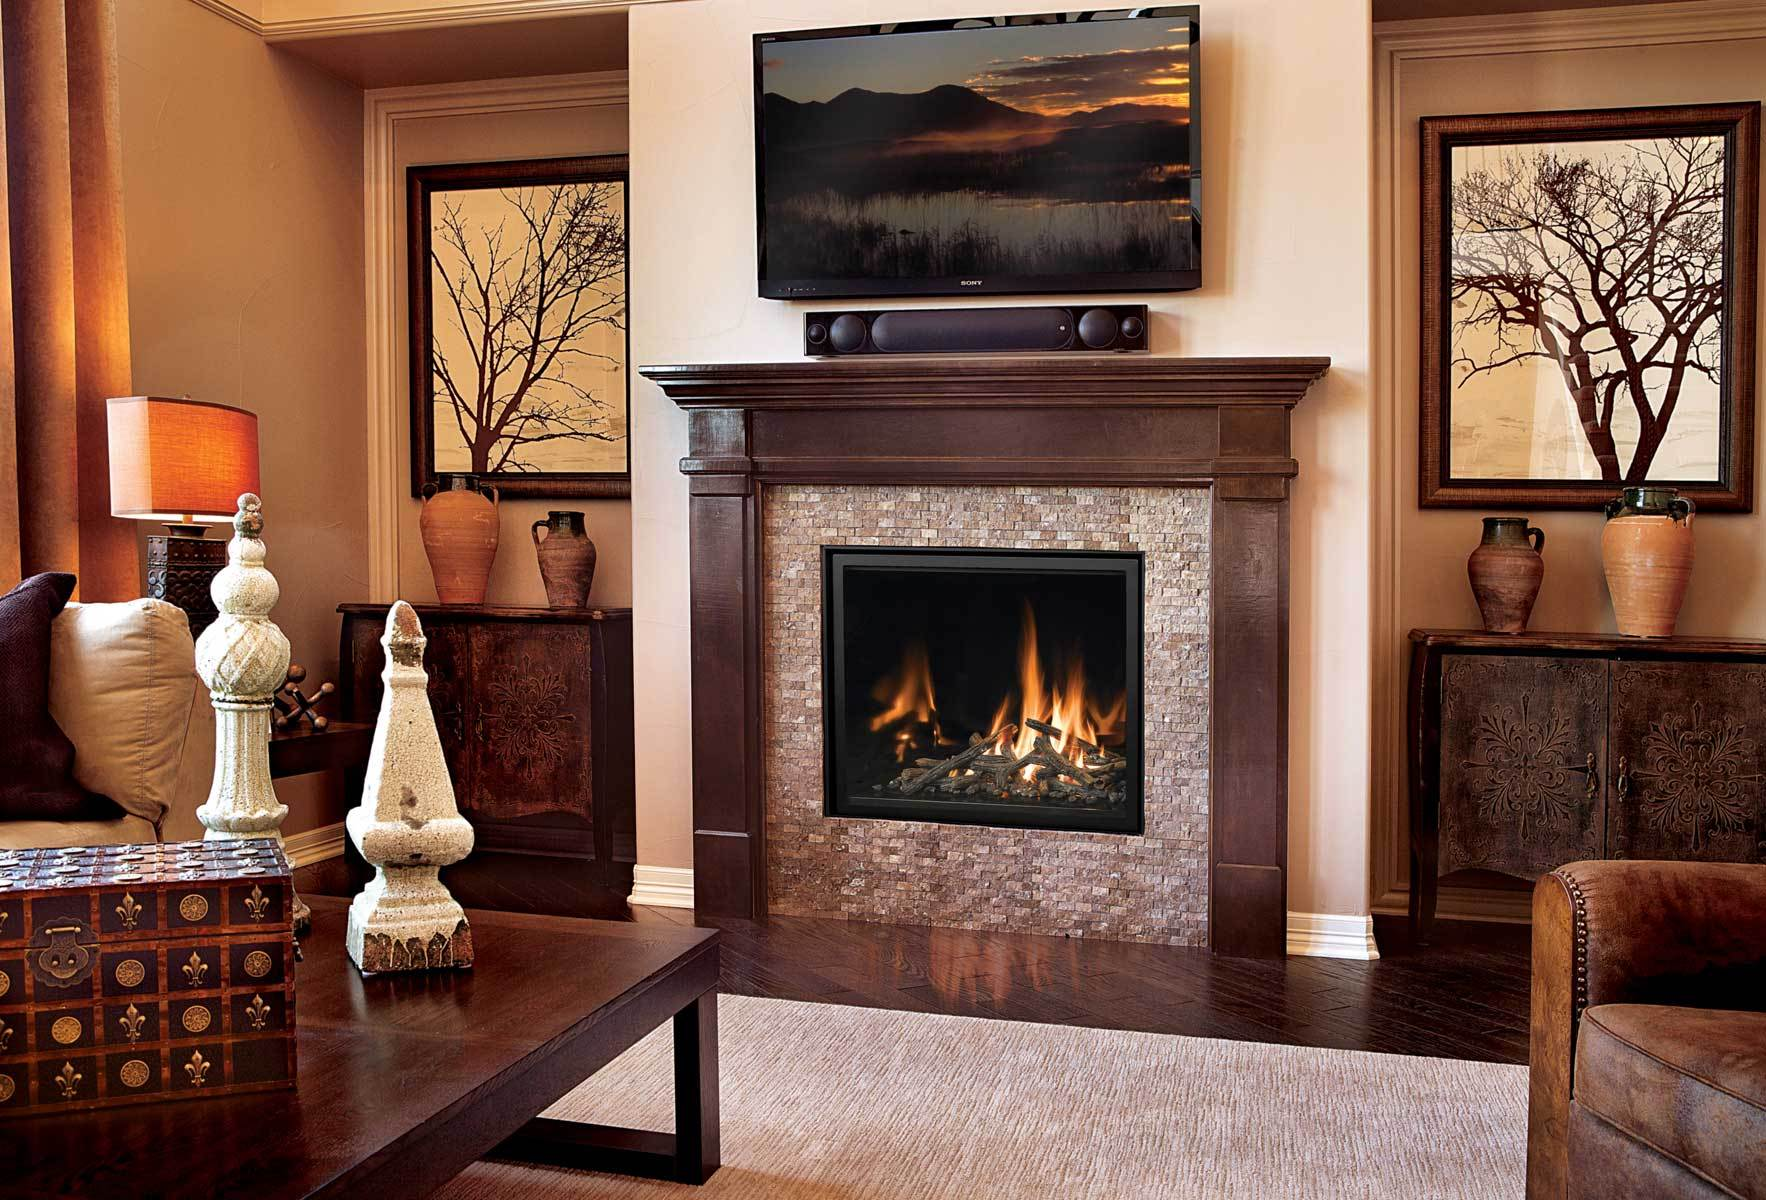 Modern Fireplace Designs & Ideas - Fireplace Mantels ...